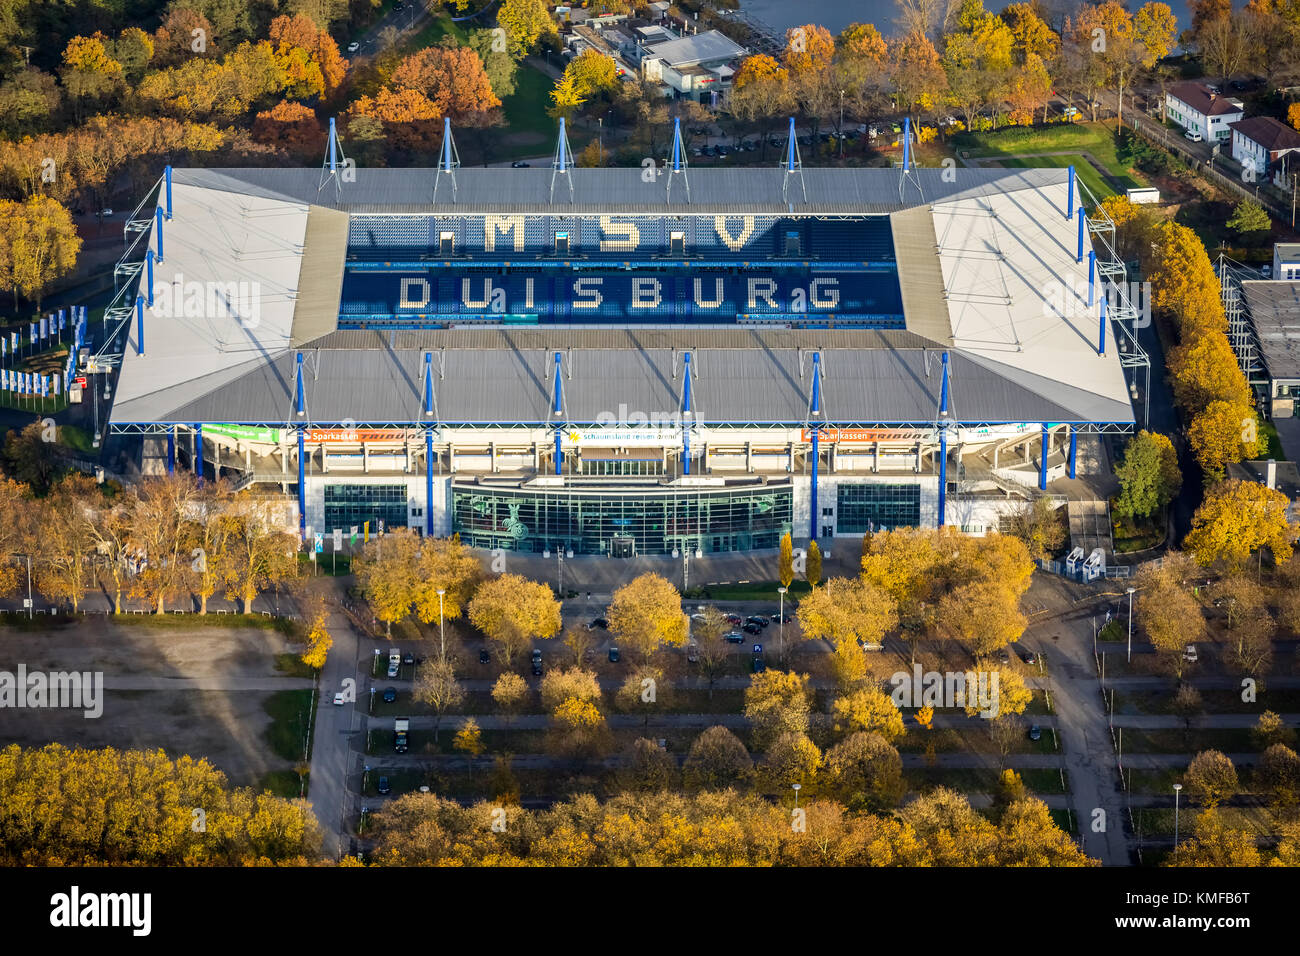 Schauinsland-Reisen-Arena, Sportpark Sportpark Wedau, Wanheim, Duisburg, Ruhrgebiet, Nordrhein-Westfalen, Deutschland Stockbild